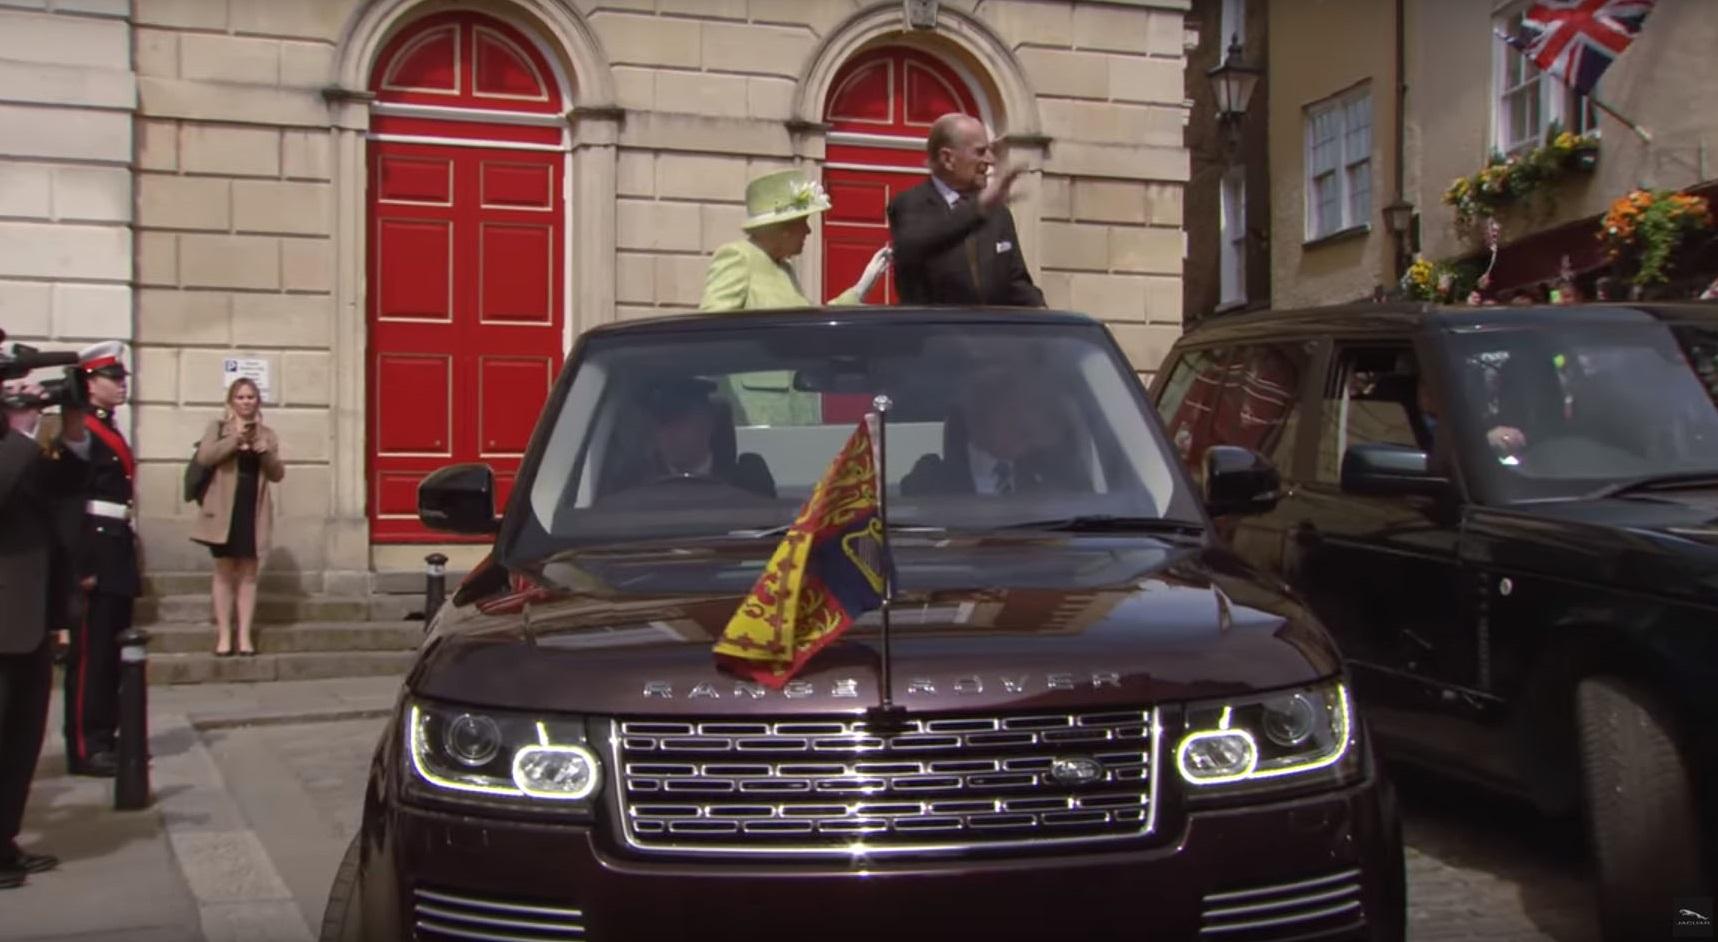 Королева Елизавета II отметила свой 90-й День рождения поездкой на кабриолете Range Rover